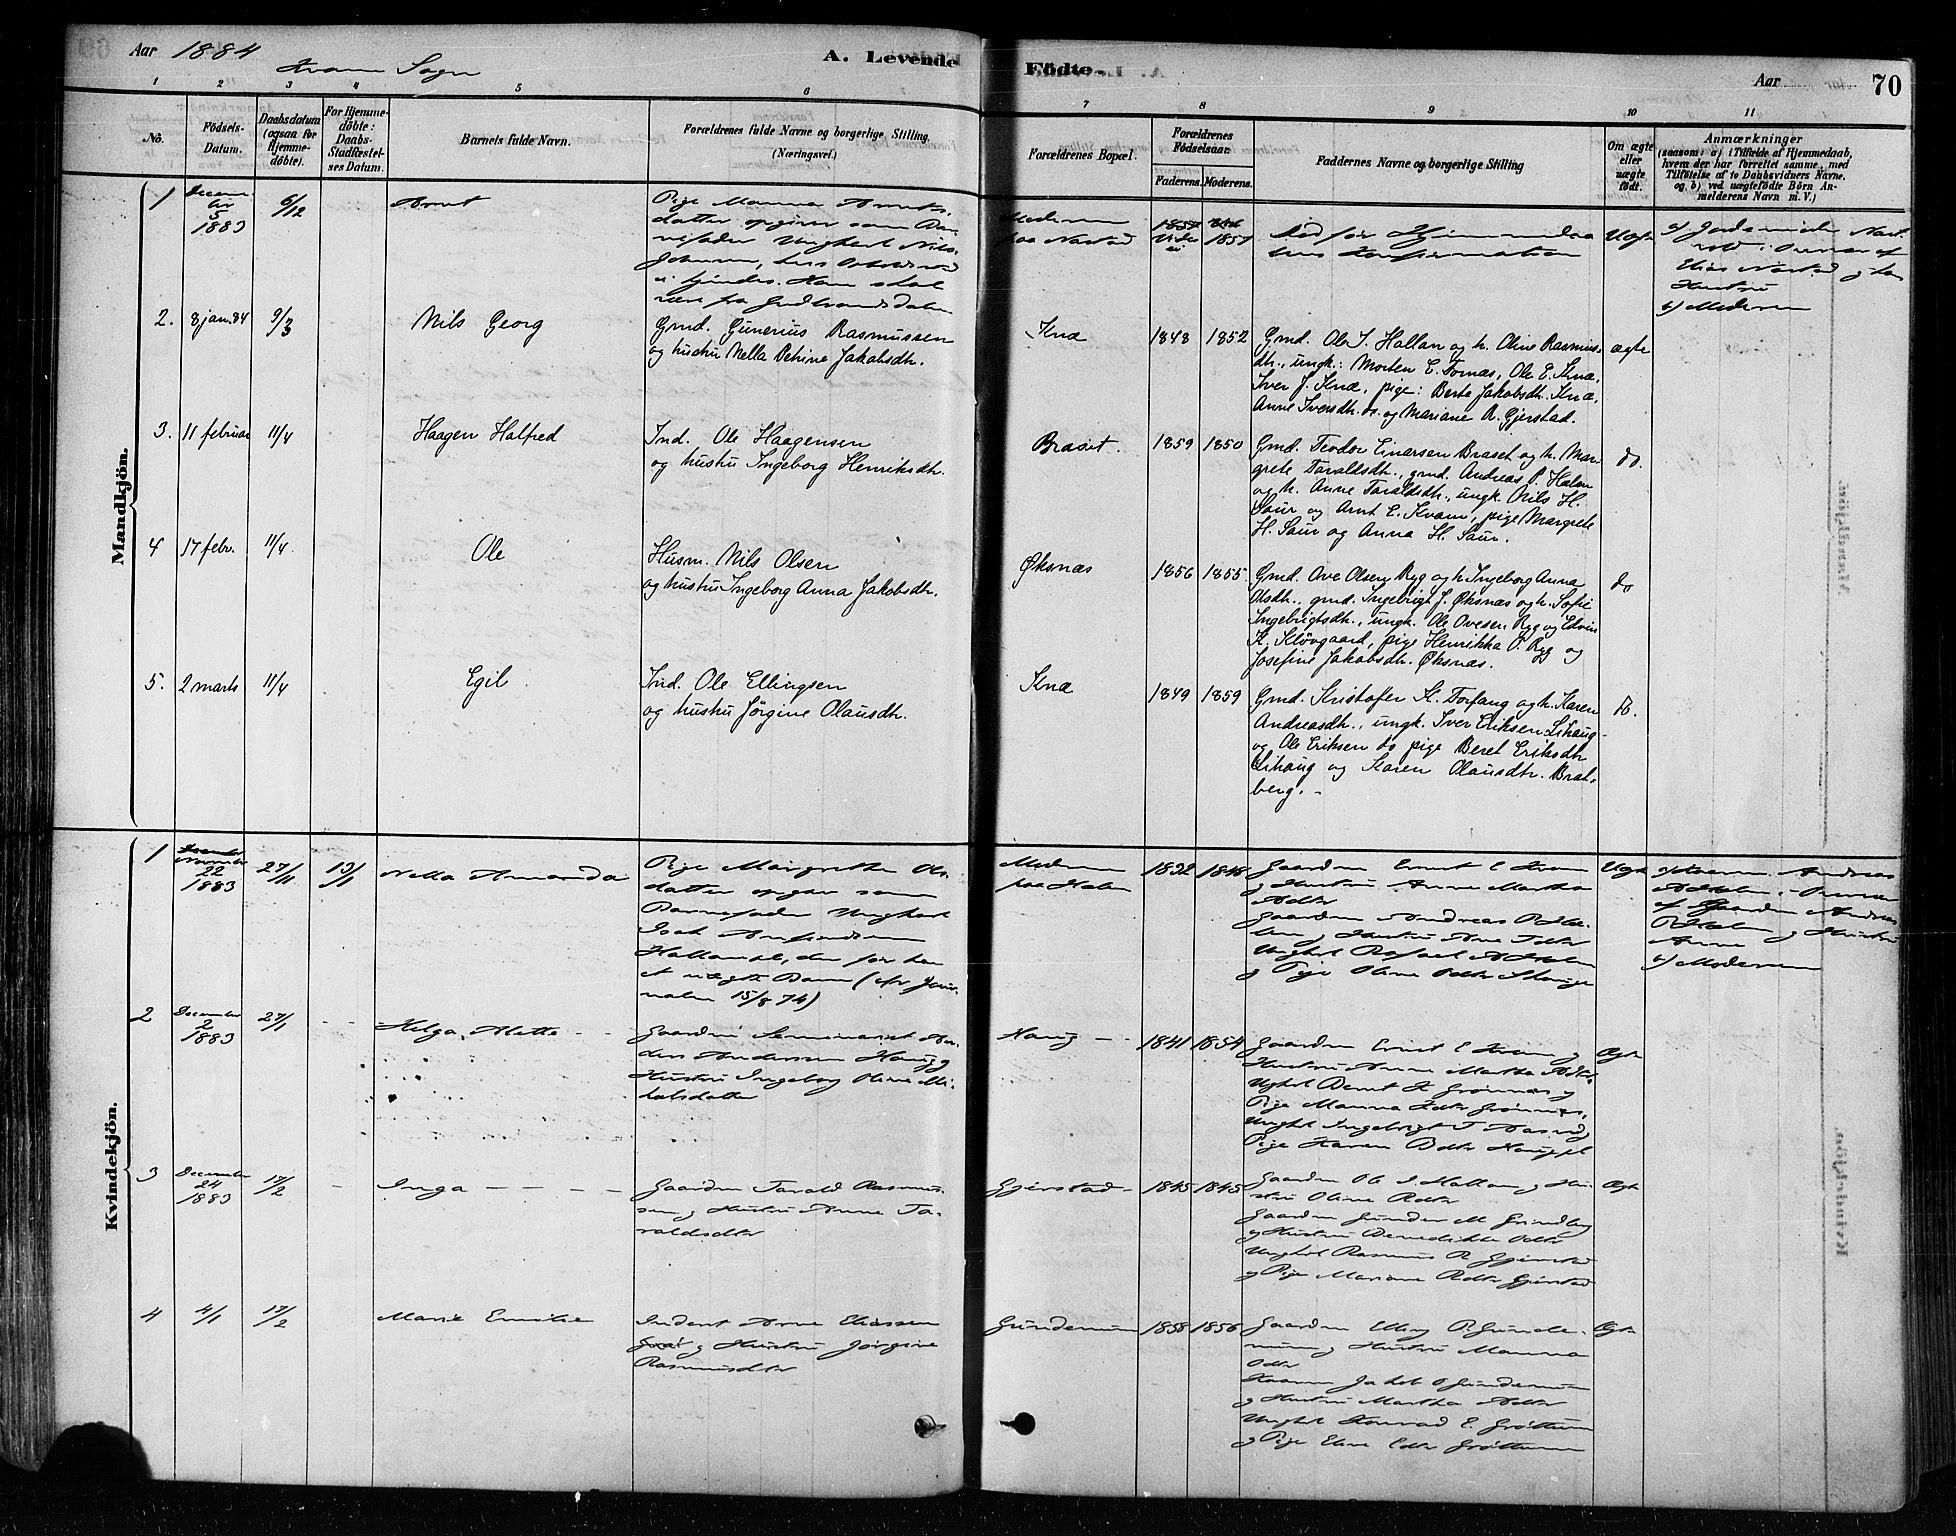 SAT, Ministerialprotokoller, klokkerbøker og fødselsregistre - Nord-Trøndelag, 746/L0449: Ministerialbok nr. 746A07 /2, 1878-1899, s. 70